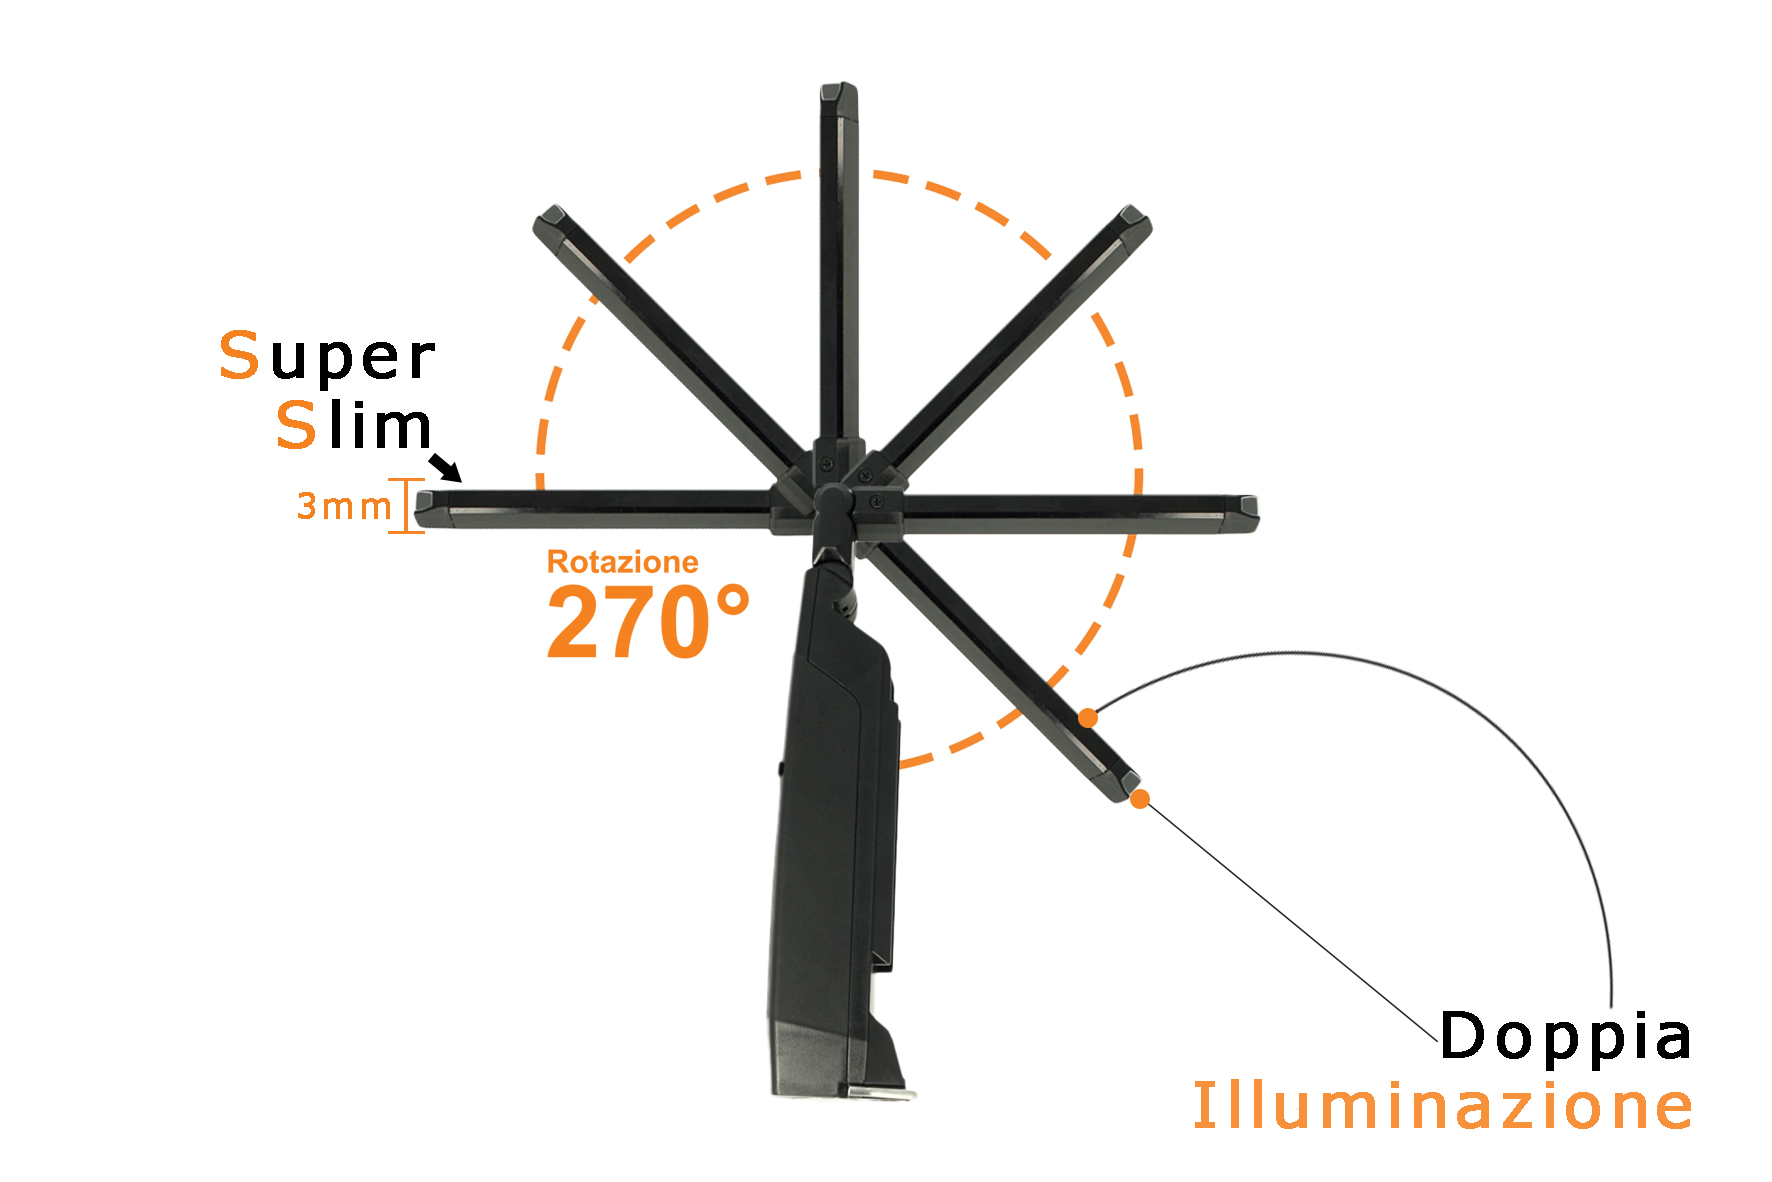 Lampada Led Officina Torcia Ricaricabile Pieghevole Snodabile Slim 9mm Calamita Gancio Doppia Illuminazione Per Ispezione - PZ